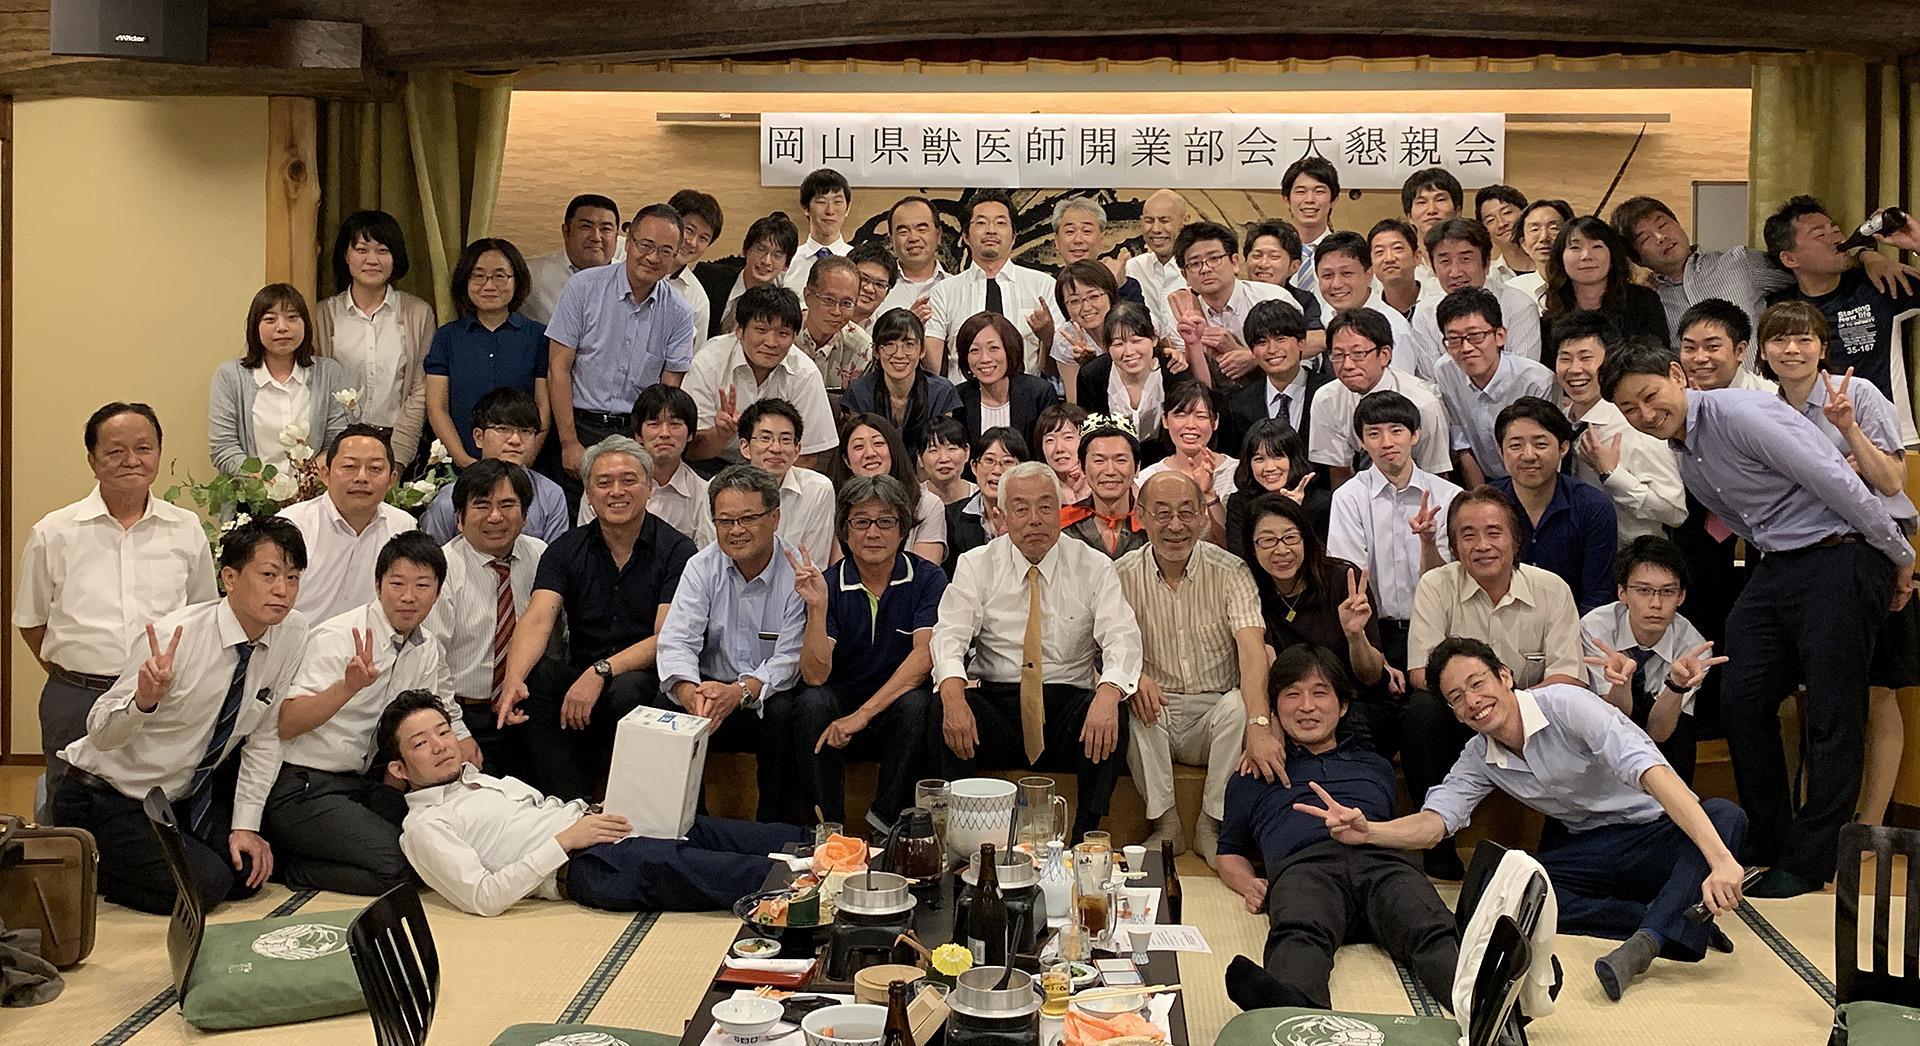 令和元年の岡山県獣医師会小動物学会後の懇親会での集合写真です